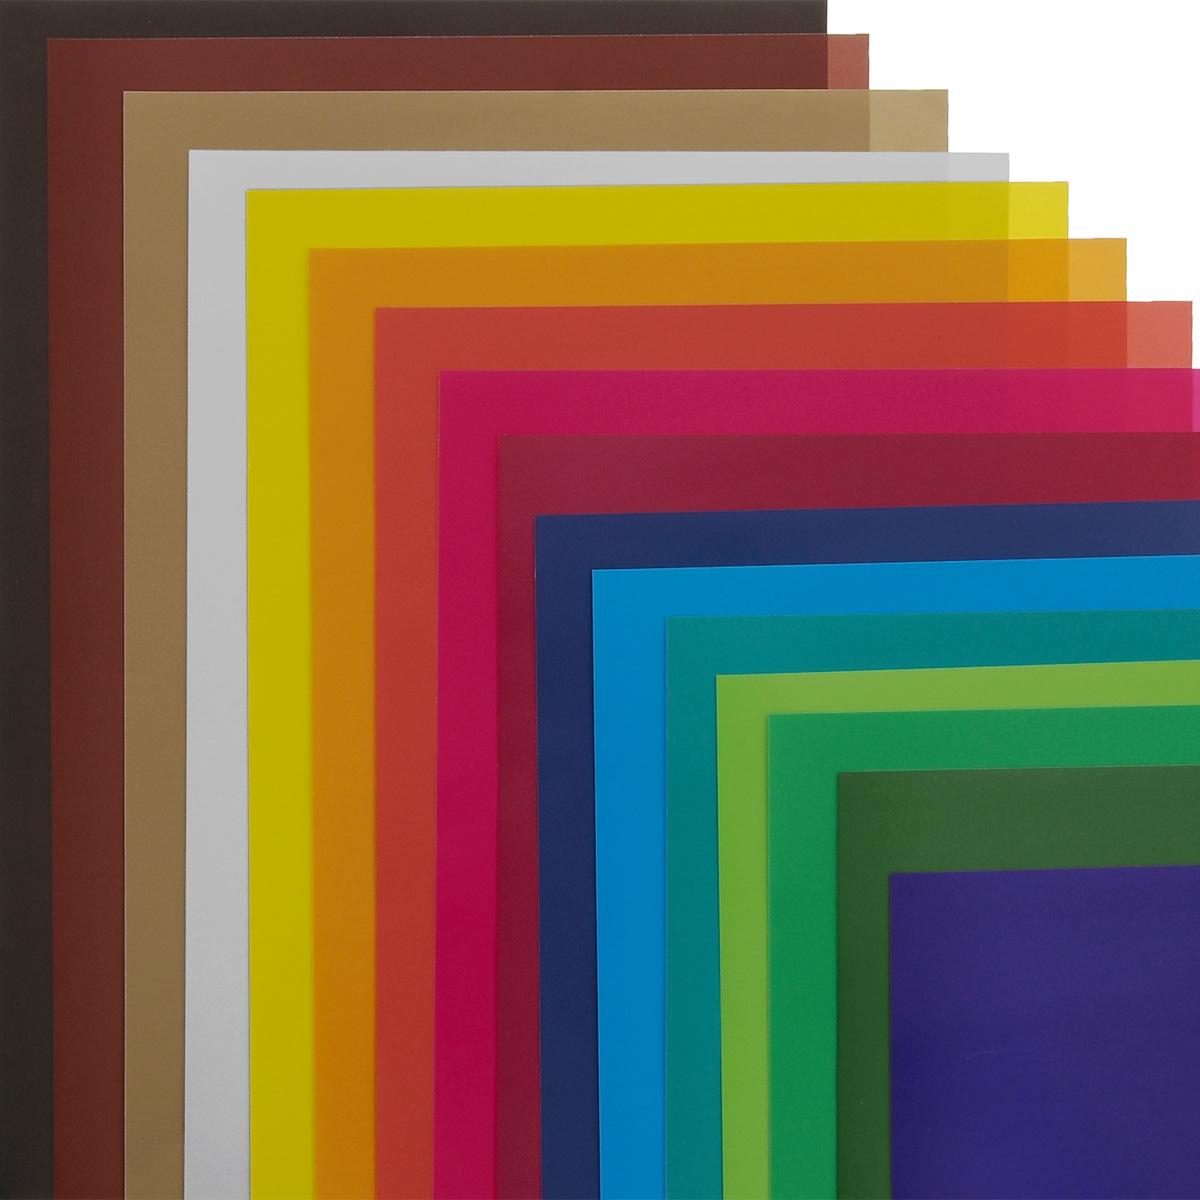 Набор цветной бумаги Cars, идеально подойдет для занятий в детском саду, школе и дома. Цветная бумага с яркими красками обеспечит максимально удобный и увлекательный творческий процесс.  Папка из мелованного картона с изображением автомобиля на обложке надежно защитит бумажные листы от повреждений.  В набор входят цвета: серебро, золото, желтый, красный, пурпурный, зеленый, голубой, фиолетовый, коричневый, черный, темно-синий, темно-зеленый, салатовый, бирюзовый, вишневый, оранжевый.  Формат листов А4.